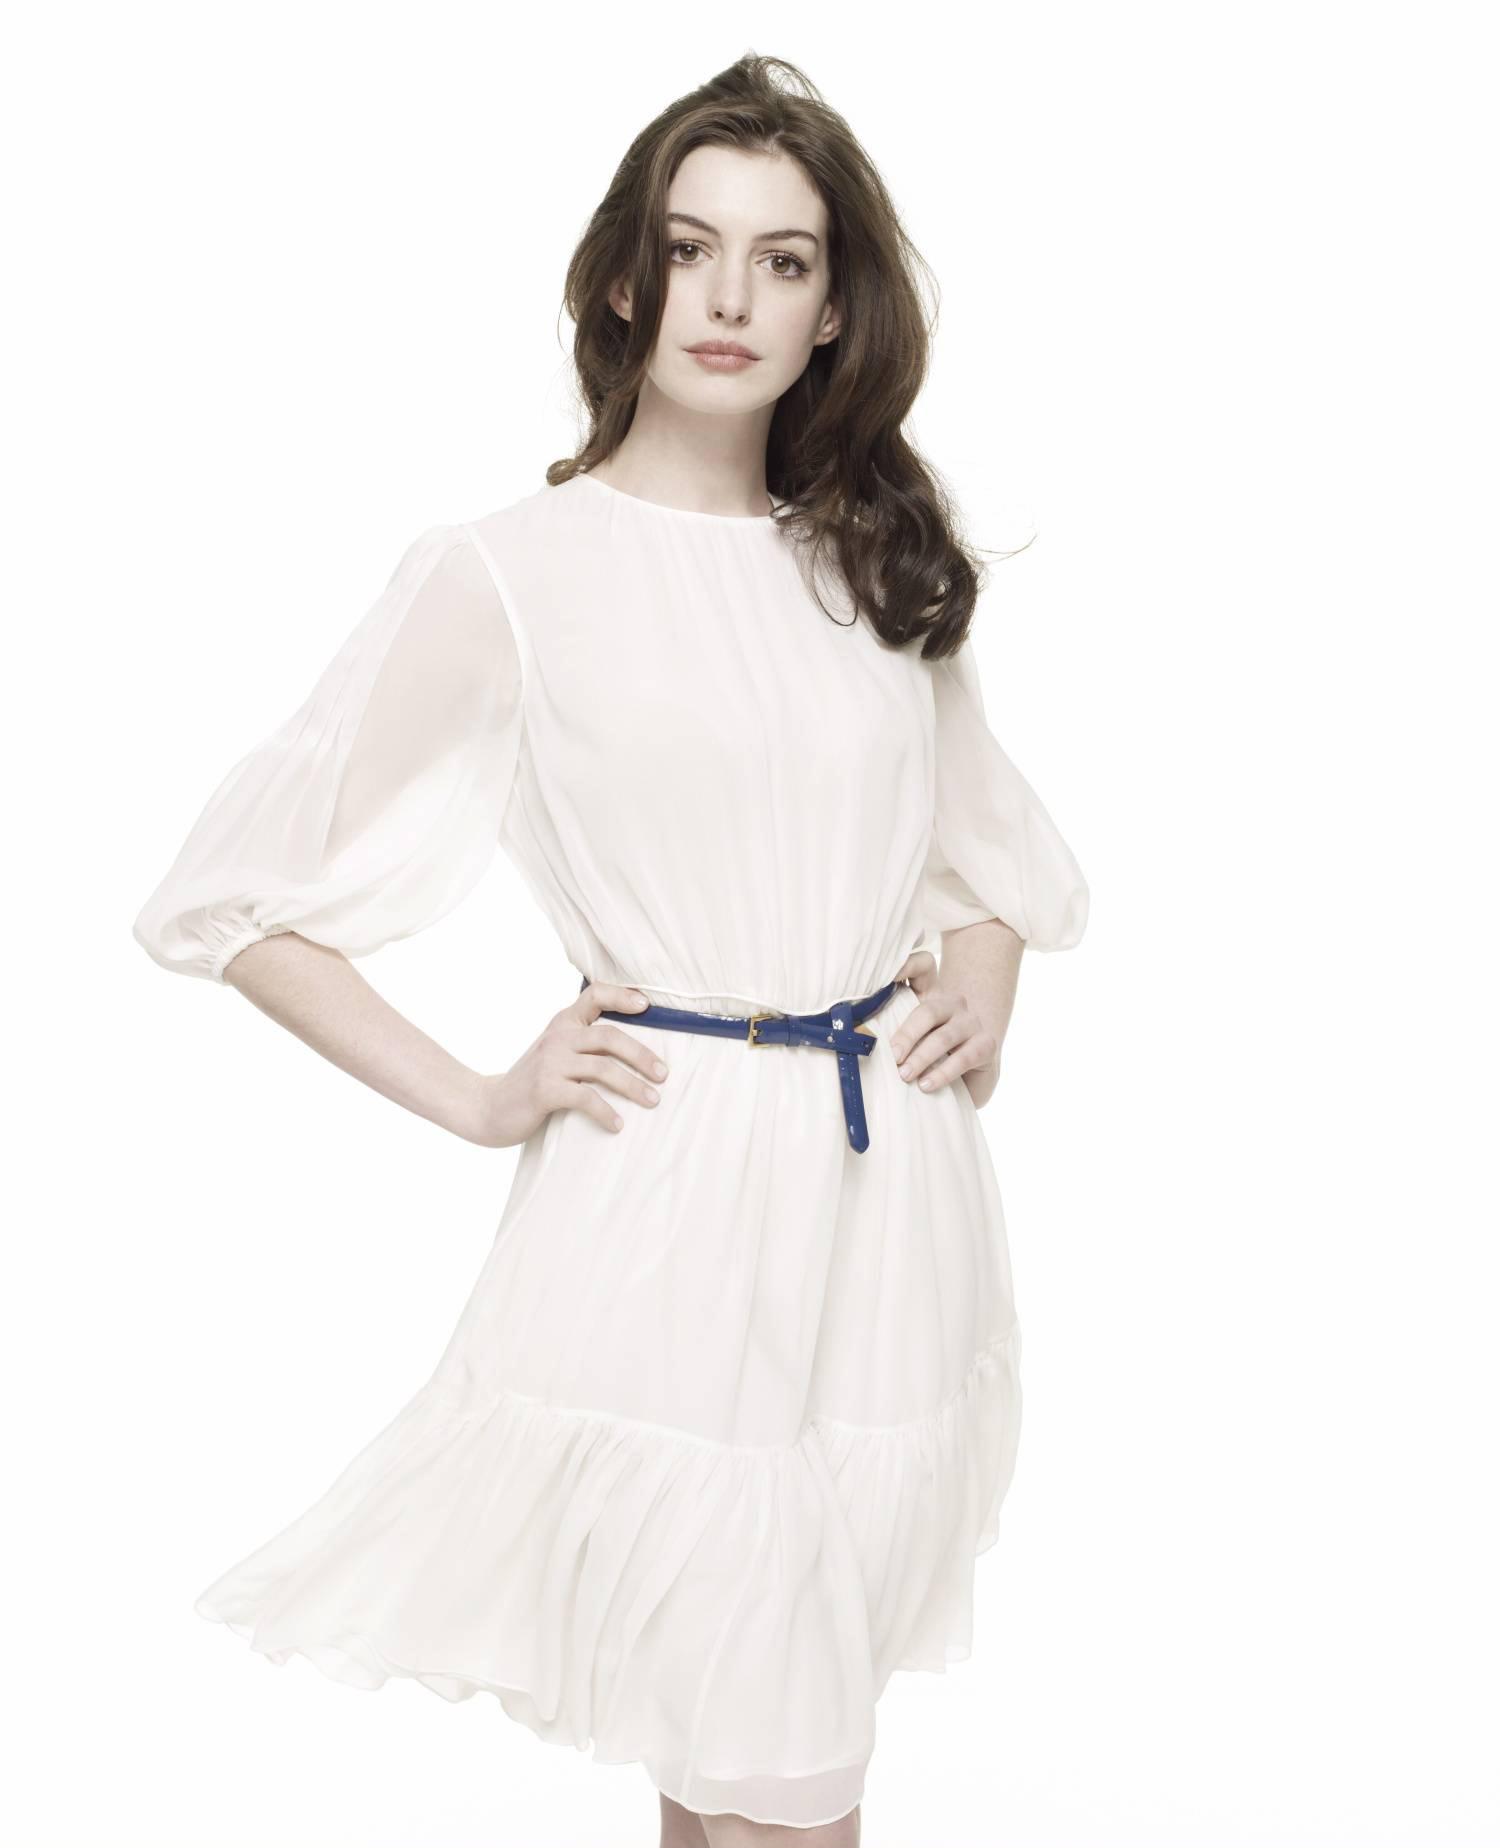 Anne Hathaway Get Smart: Digitalminx.com